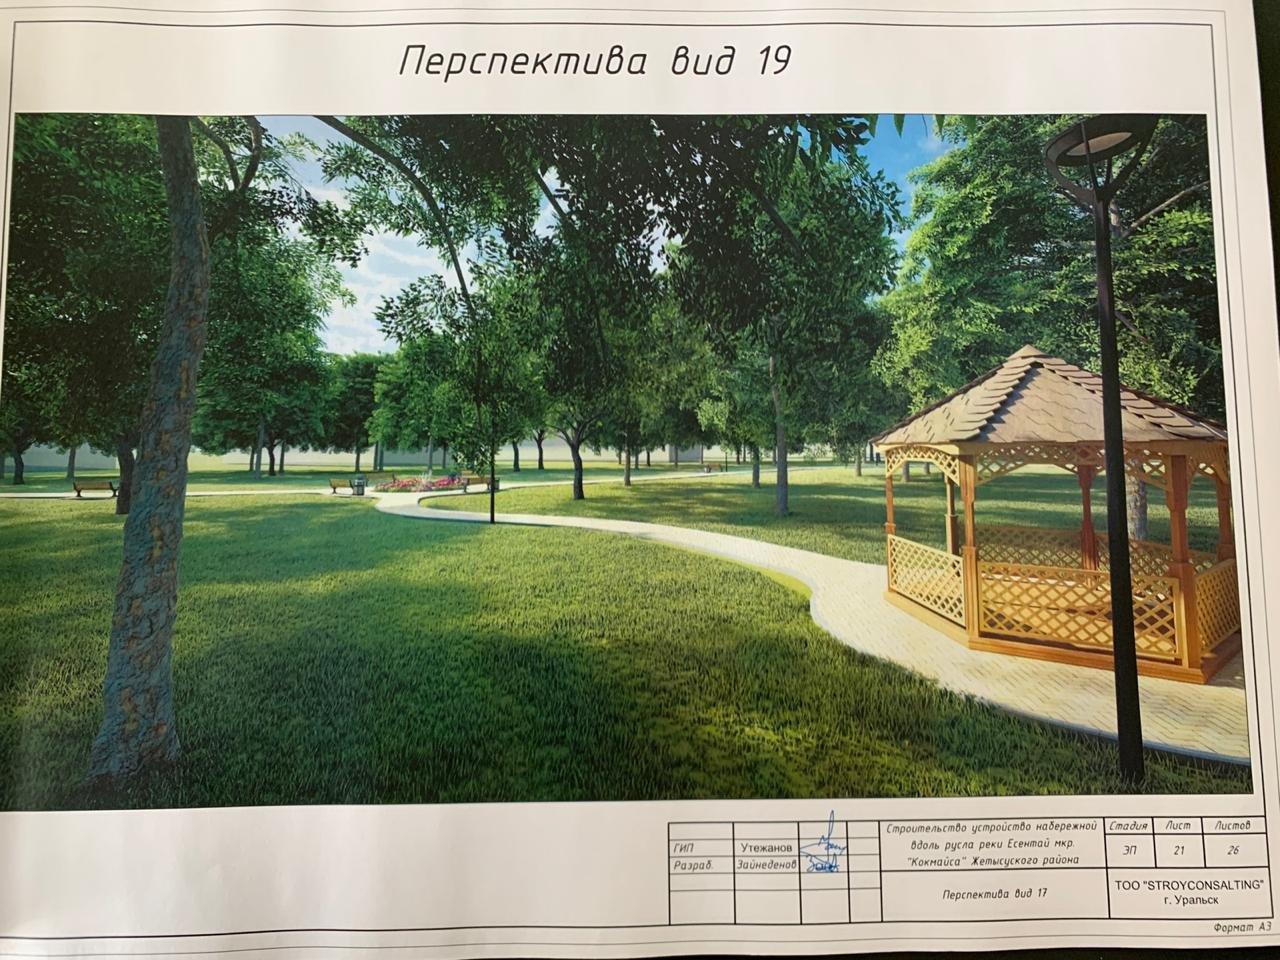 В Жетысуском районе Алматы планируют построить парковую зону вдоль набережной реки Есентай, фото-6